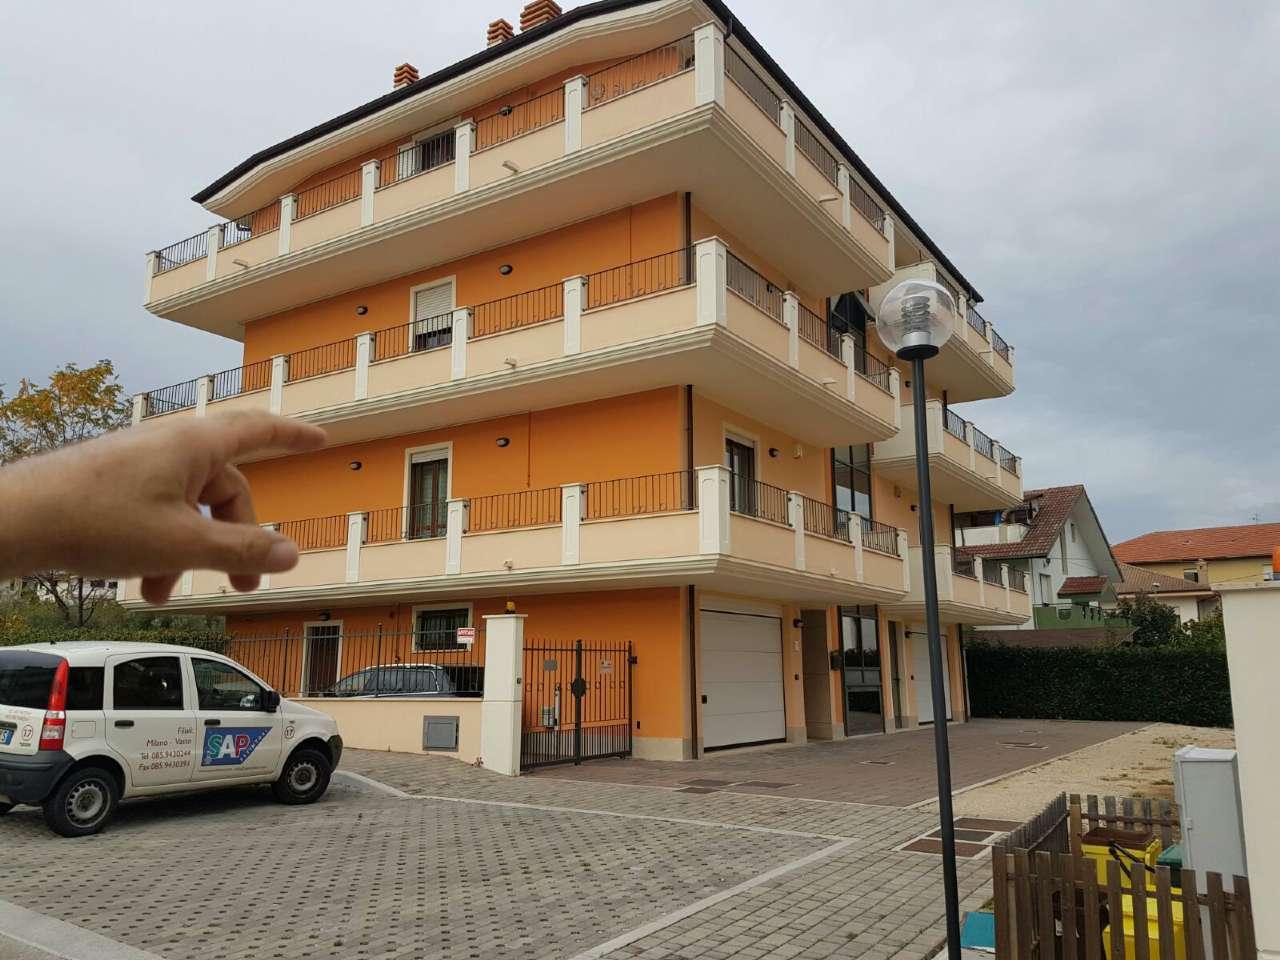 Appartamento in vendita a Cepagatti, 3 locali, prezzo € 135.000 | Cambio Casa.it